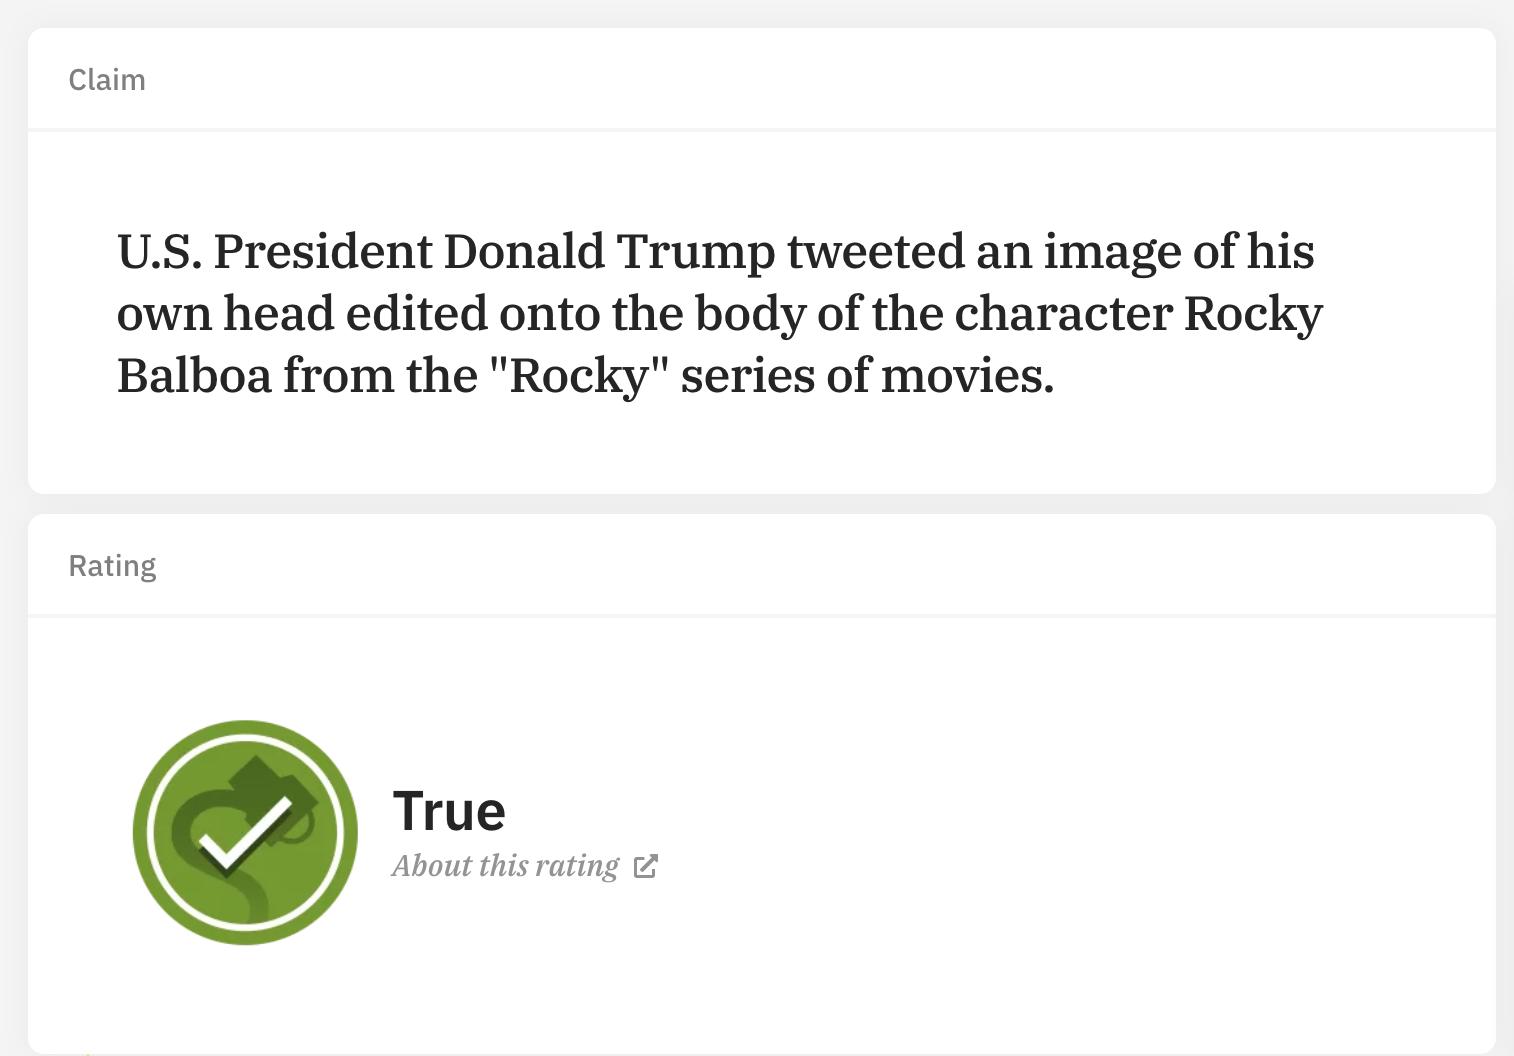 snopes fact checker